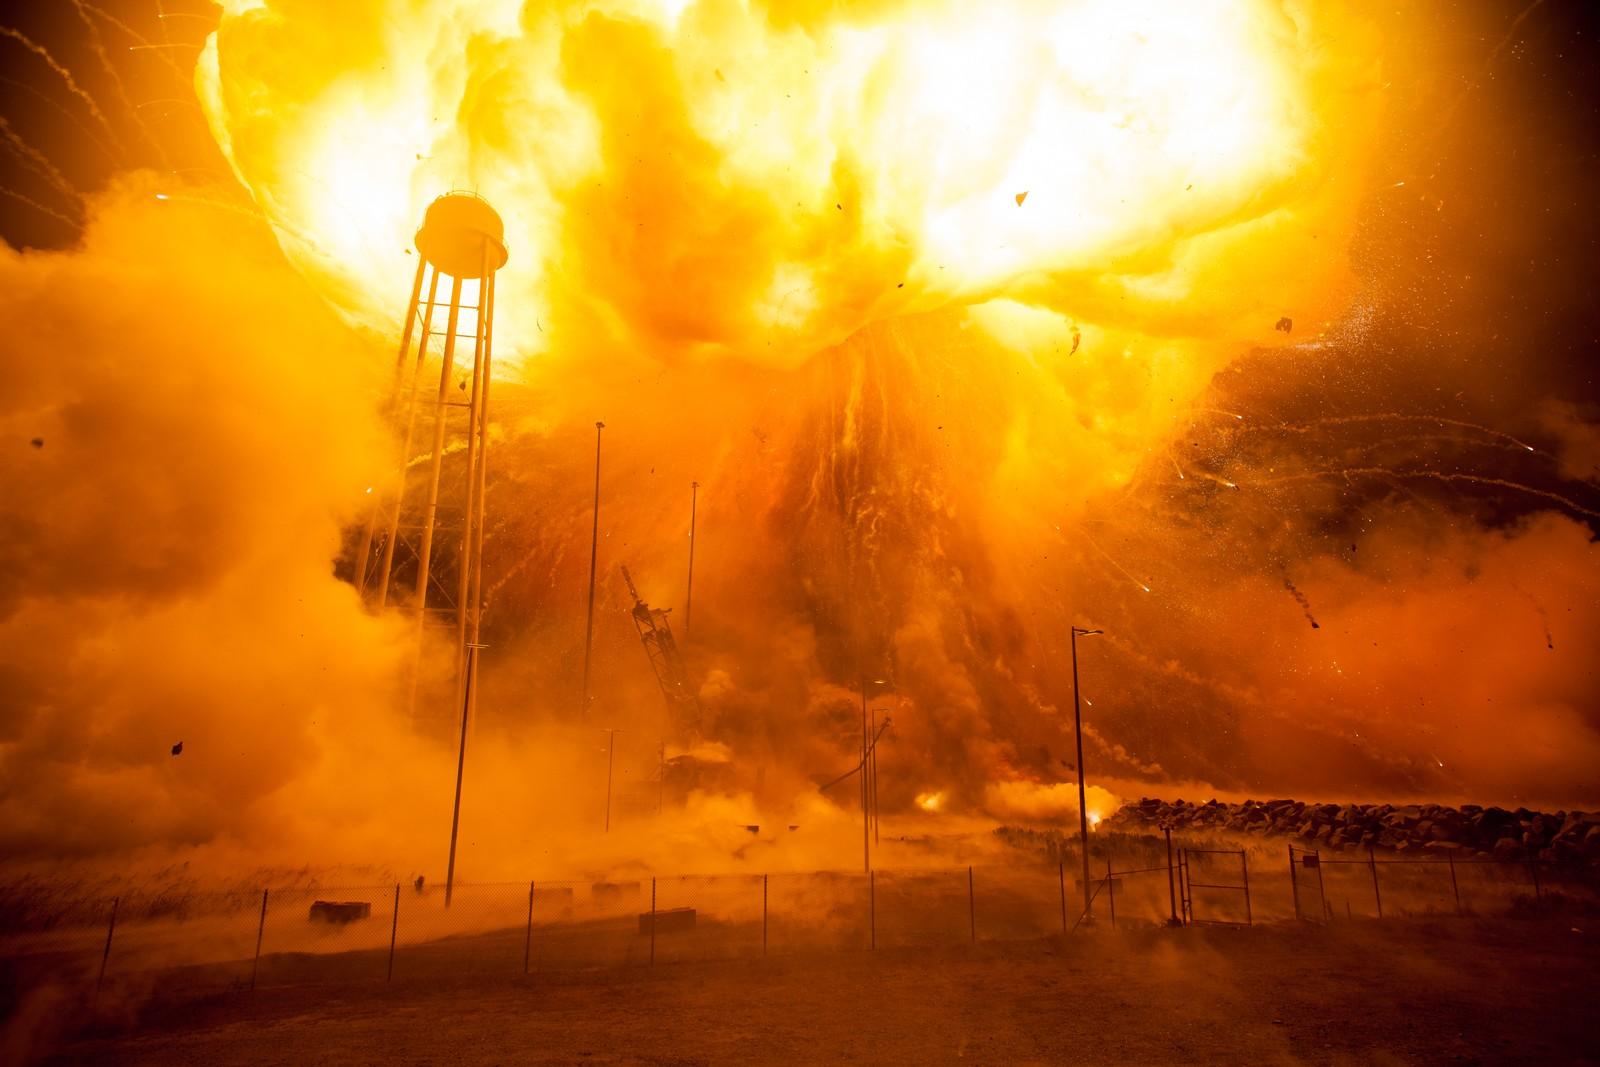 Antaresraketten treffer bakken 22 sekunder etter start. Den første av en hurtig serie eksplosjoner kommer.